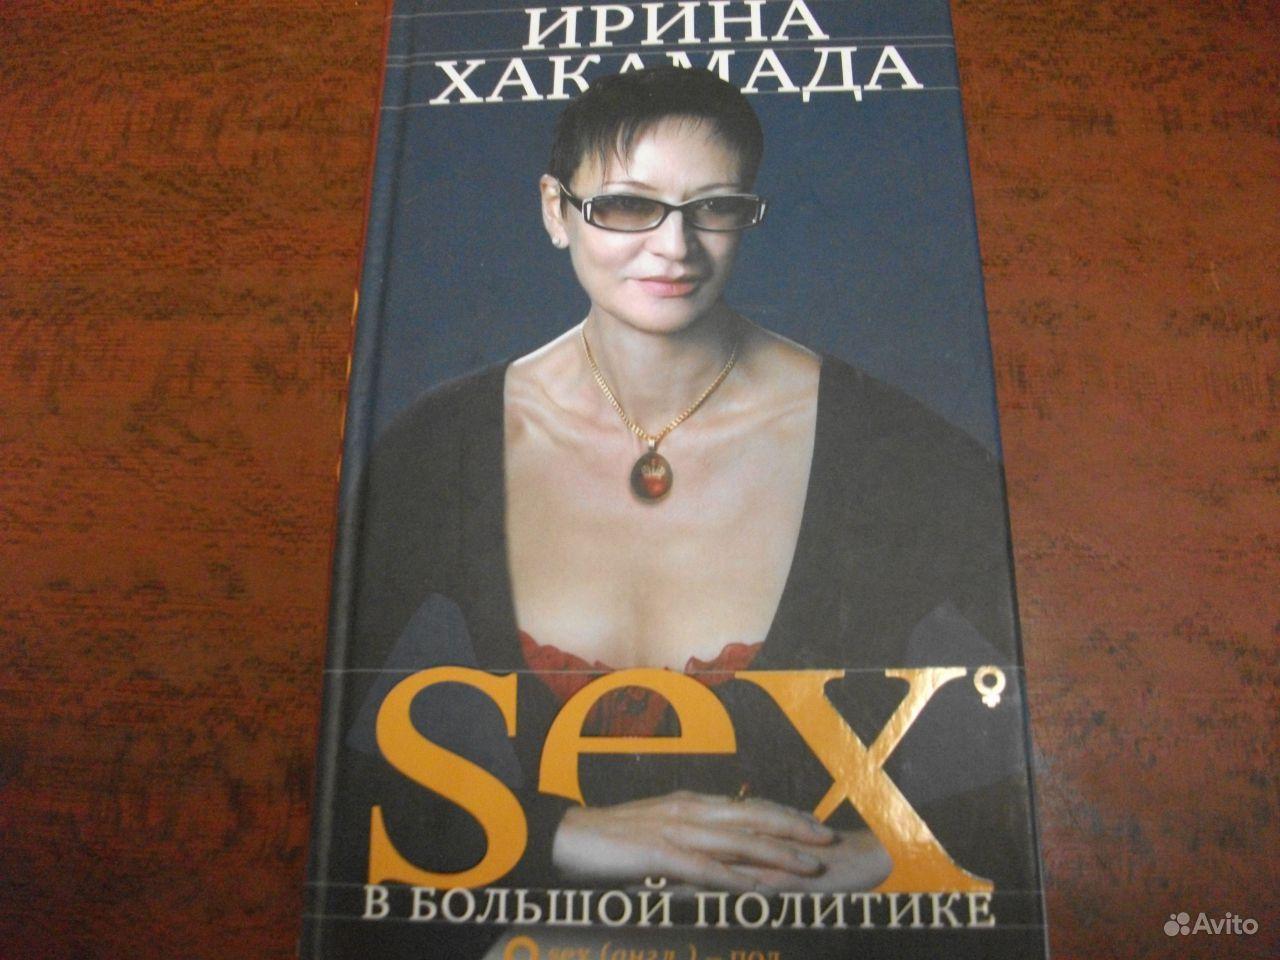 Ирина хакамада секс в большой политике 6 фотография